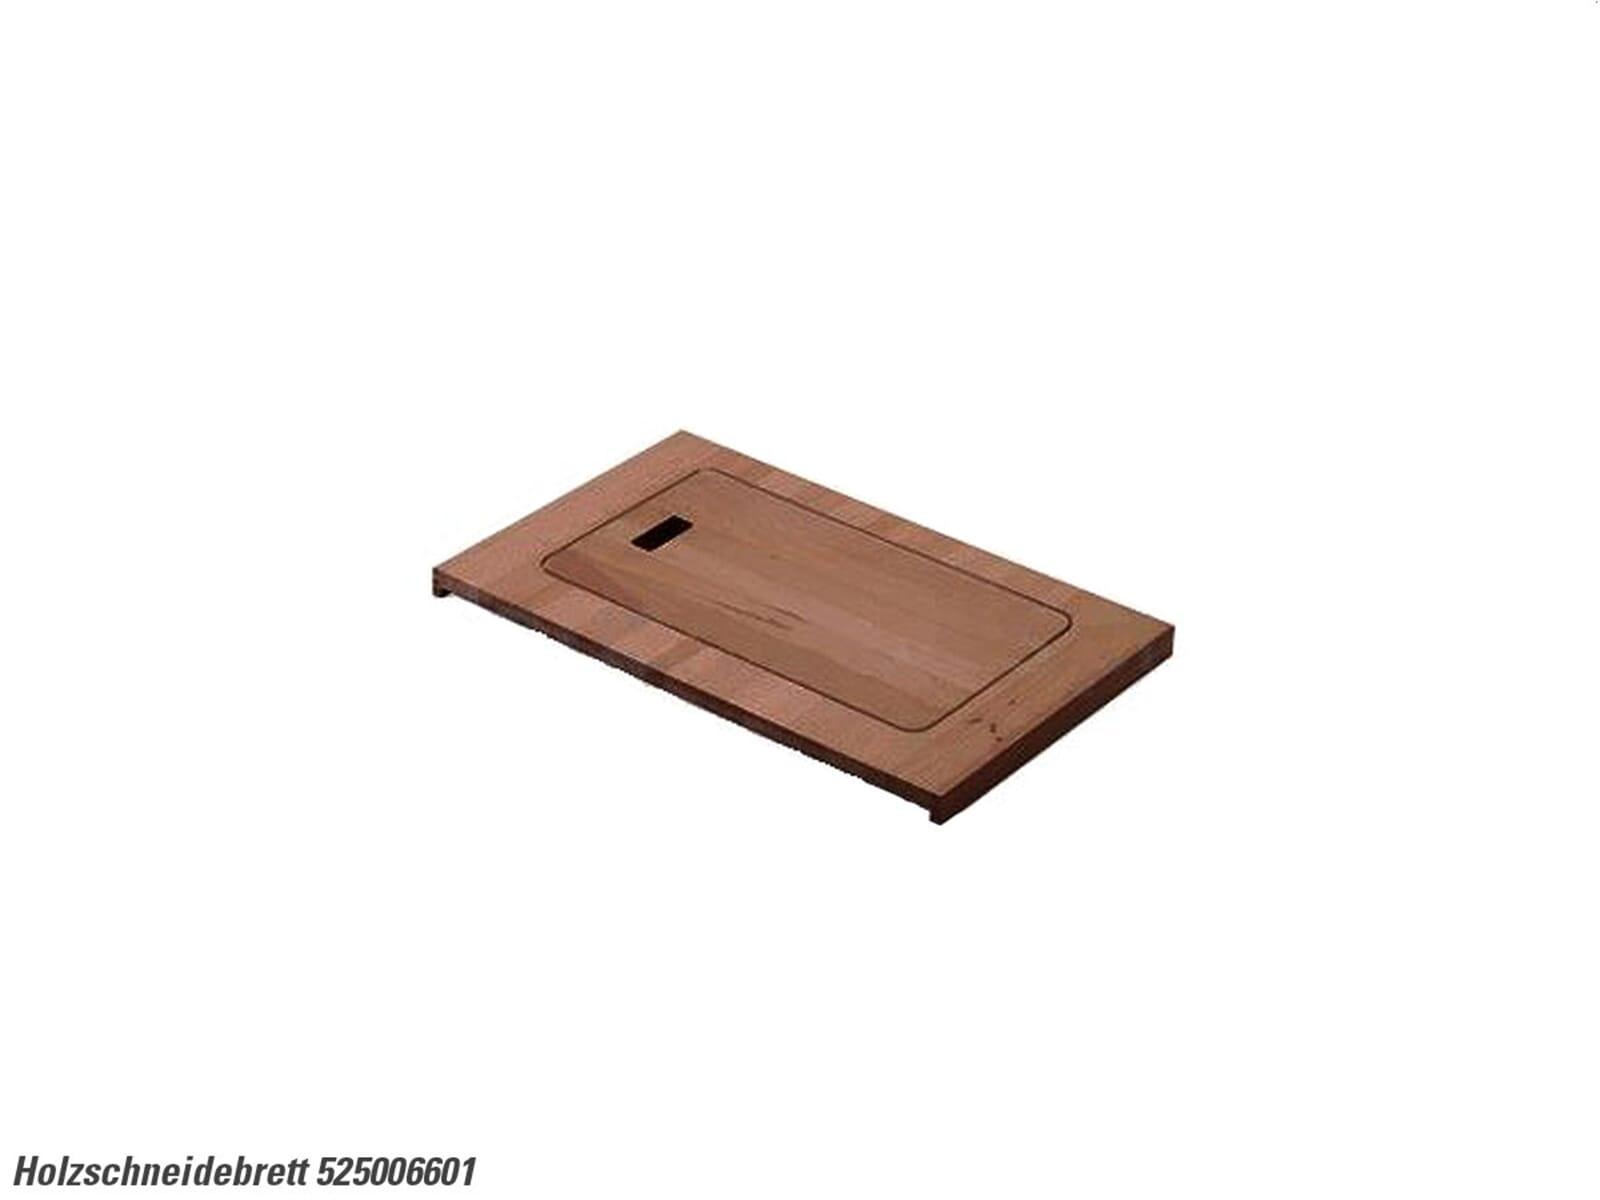 Pyramis 525006601 Holzschneidebrett Walnussbaum